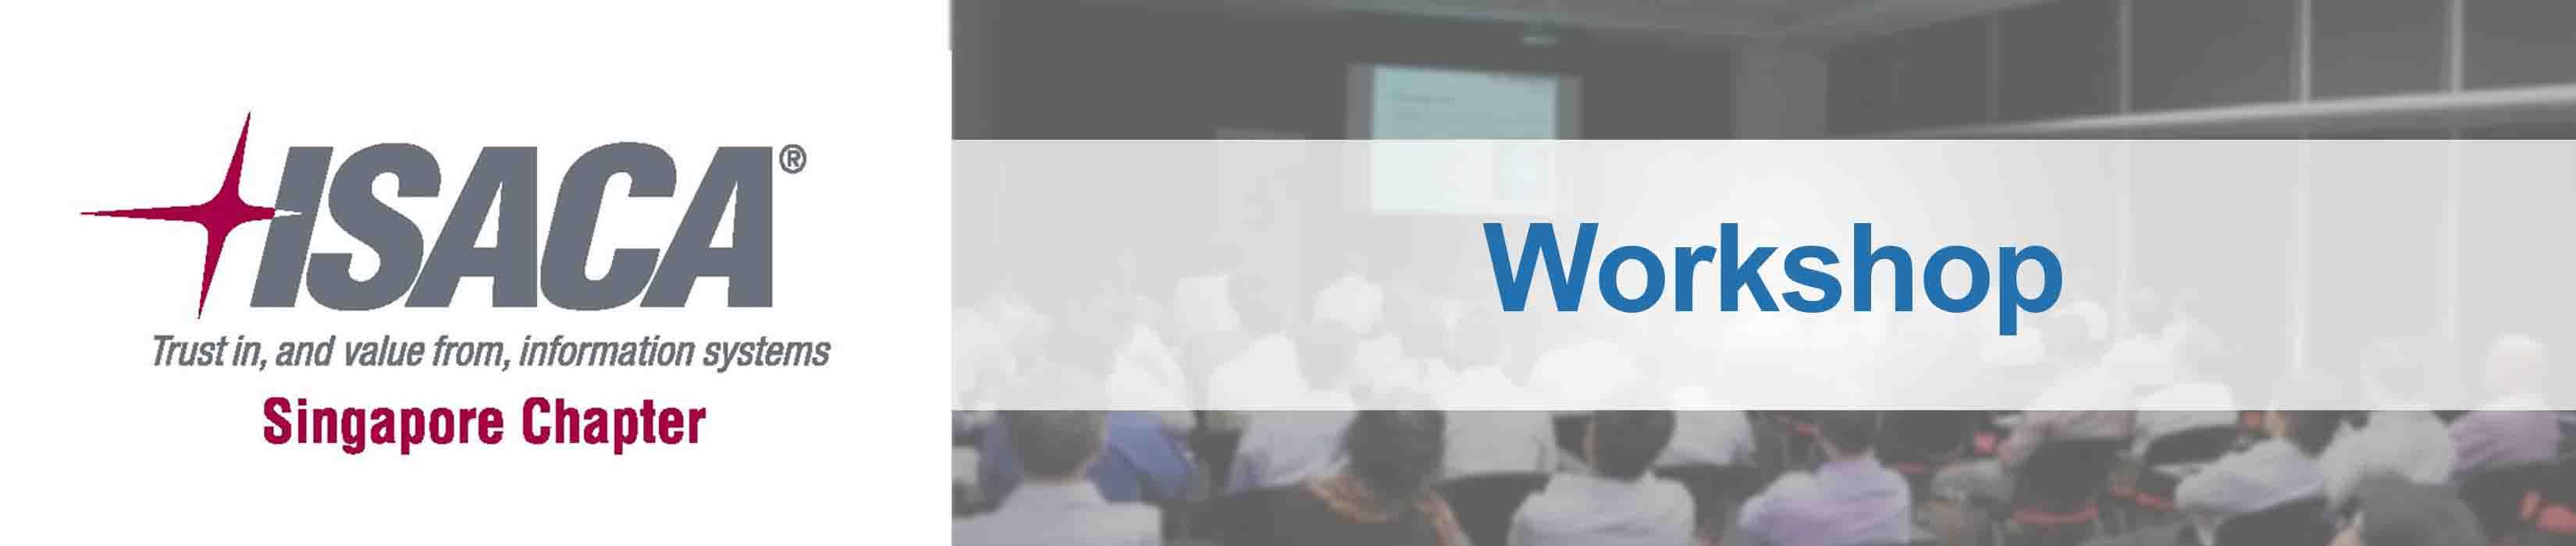 ISACA_Workshop